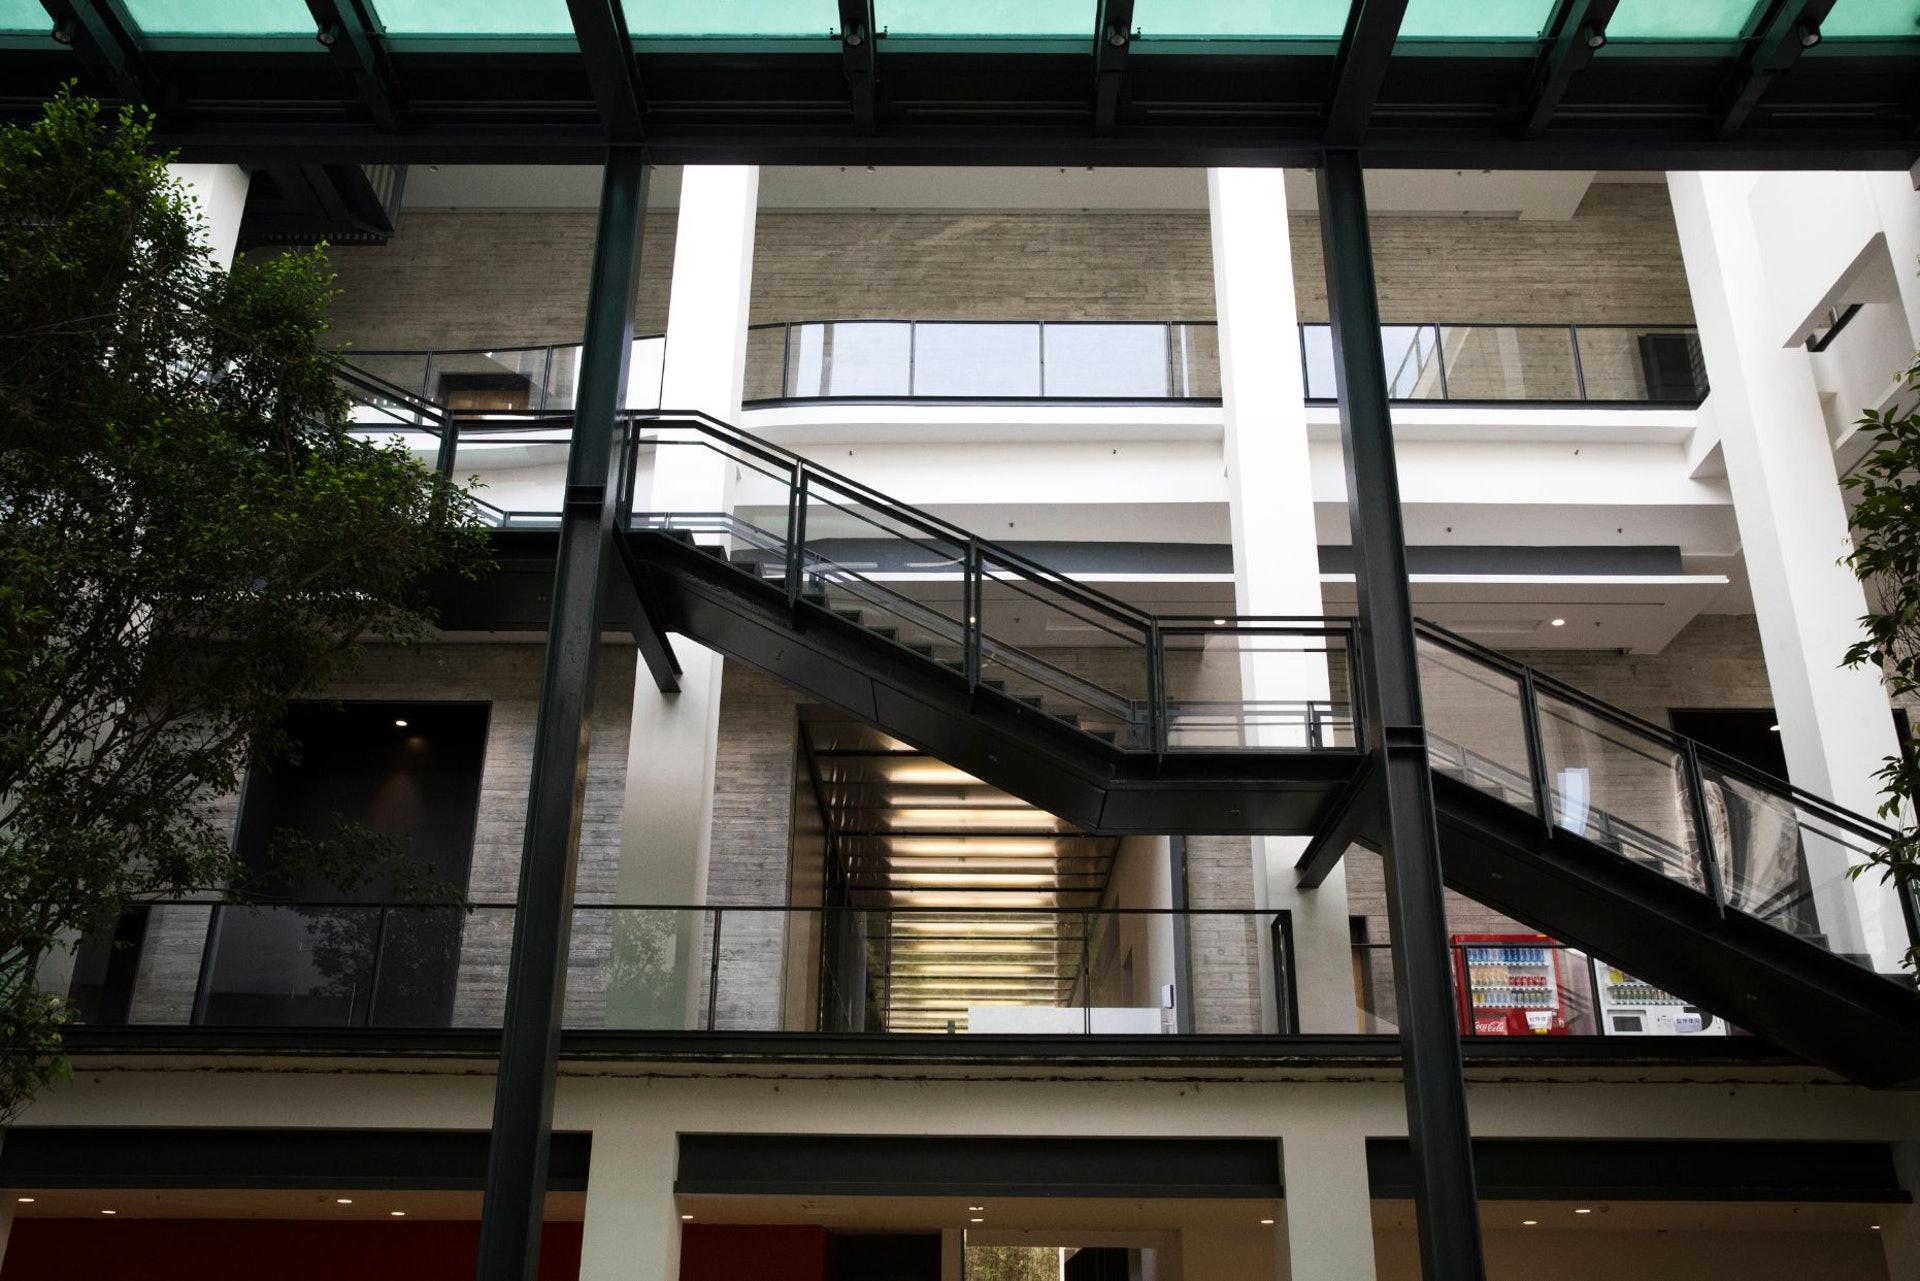 車公廟體育館室內的空間佈局有別於傳統的體育館,通道之外,製造更多予人停留的空間。(余俊亮 攝)